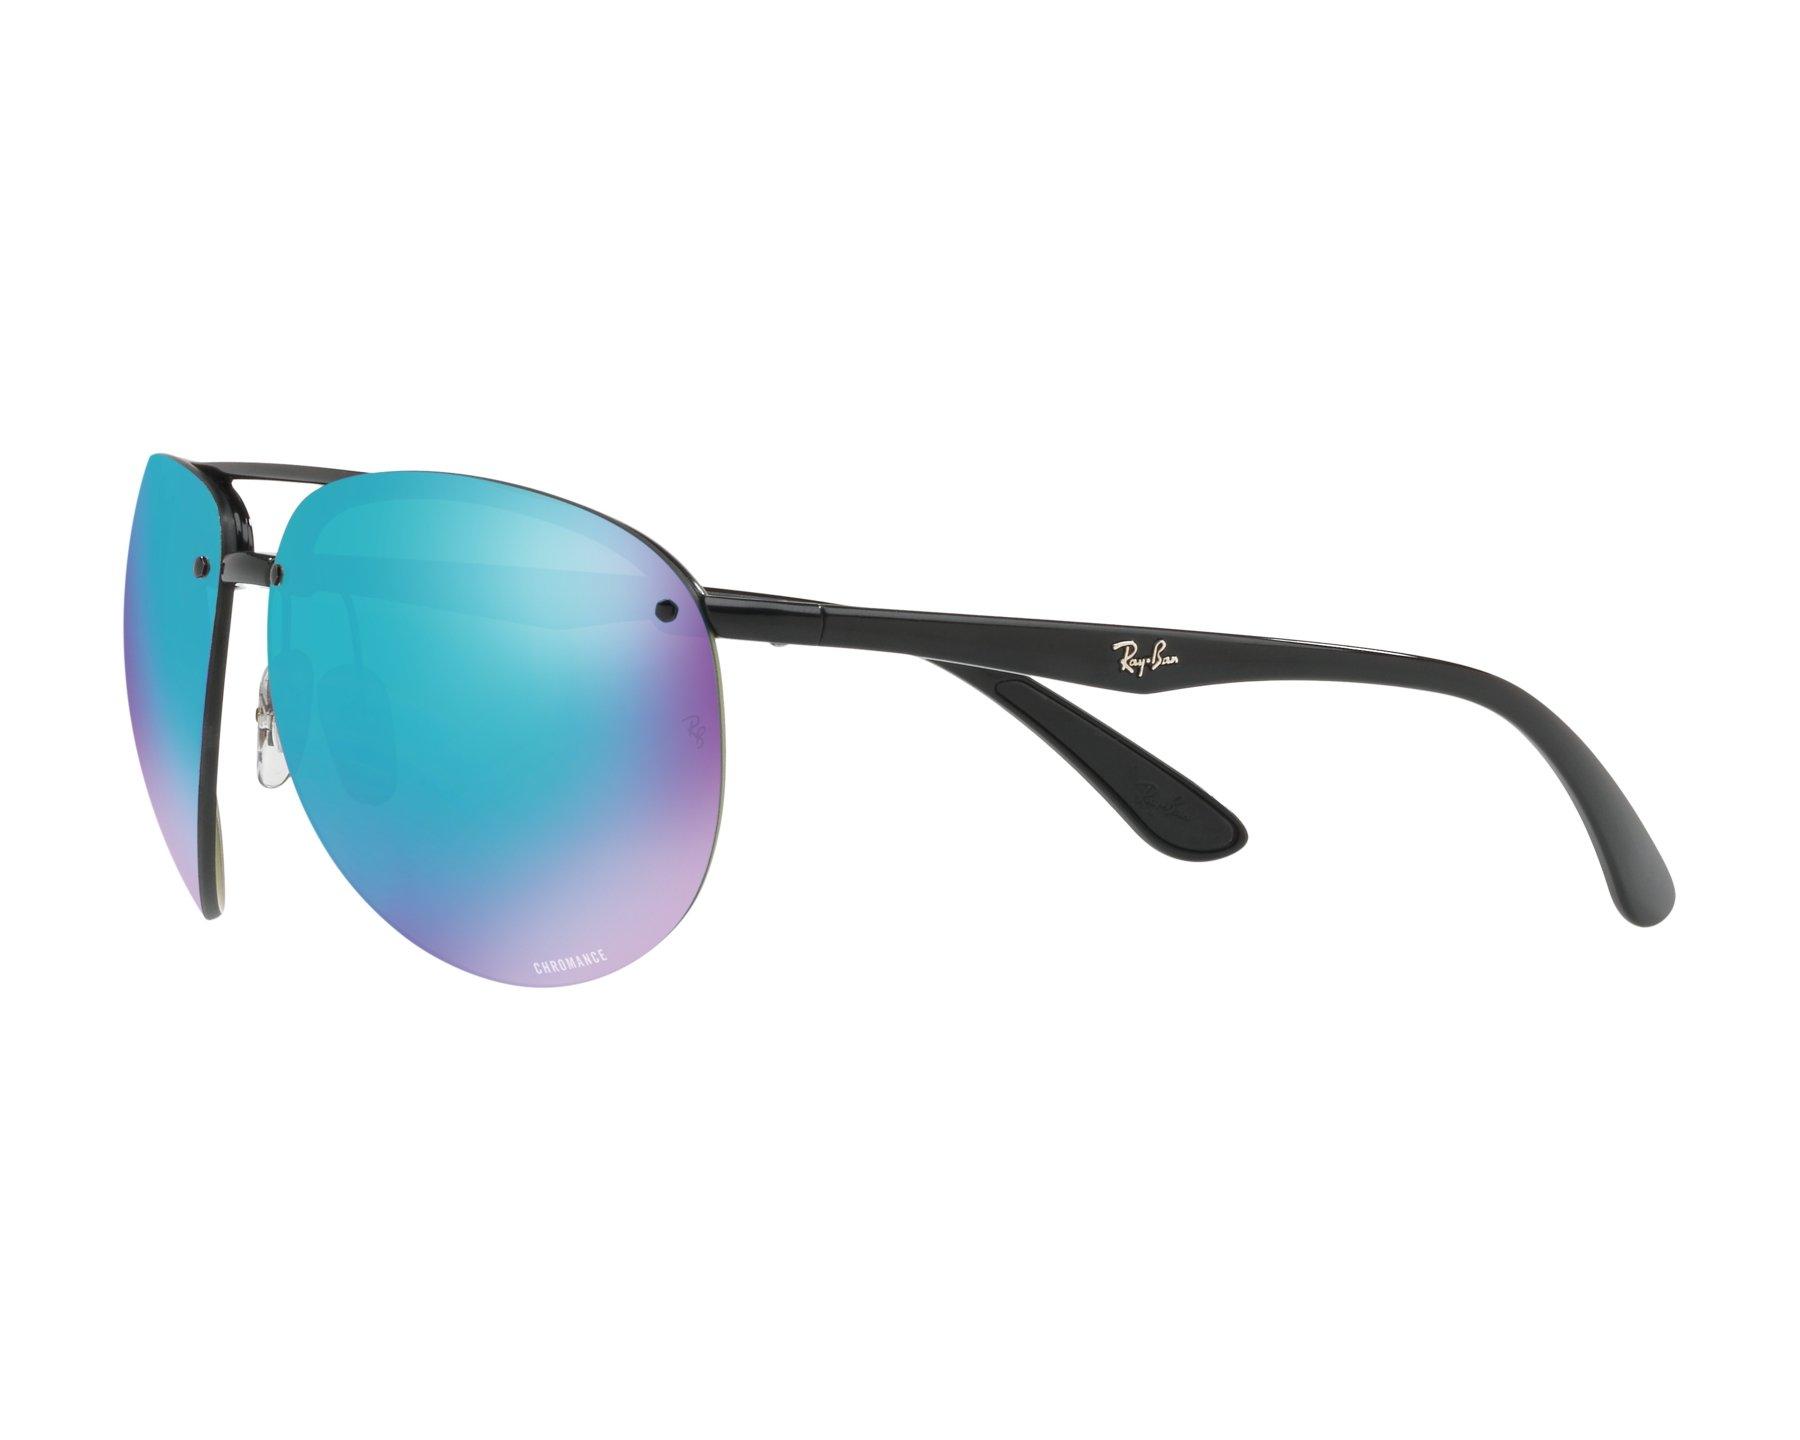 168804db4bb Sunglasses Ray-Ban RB-4293-CH 601 A1 64-13 Black